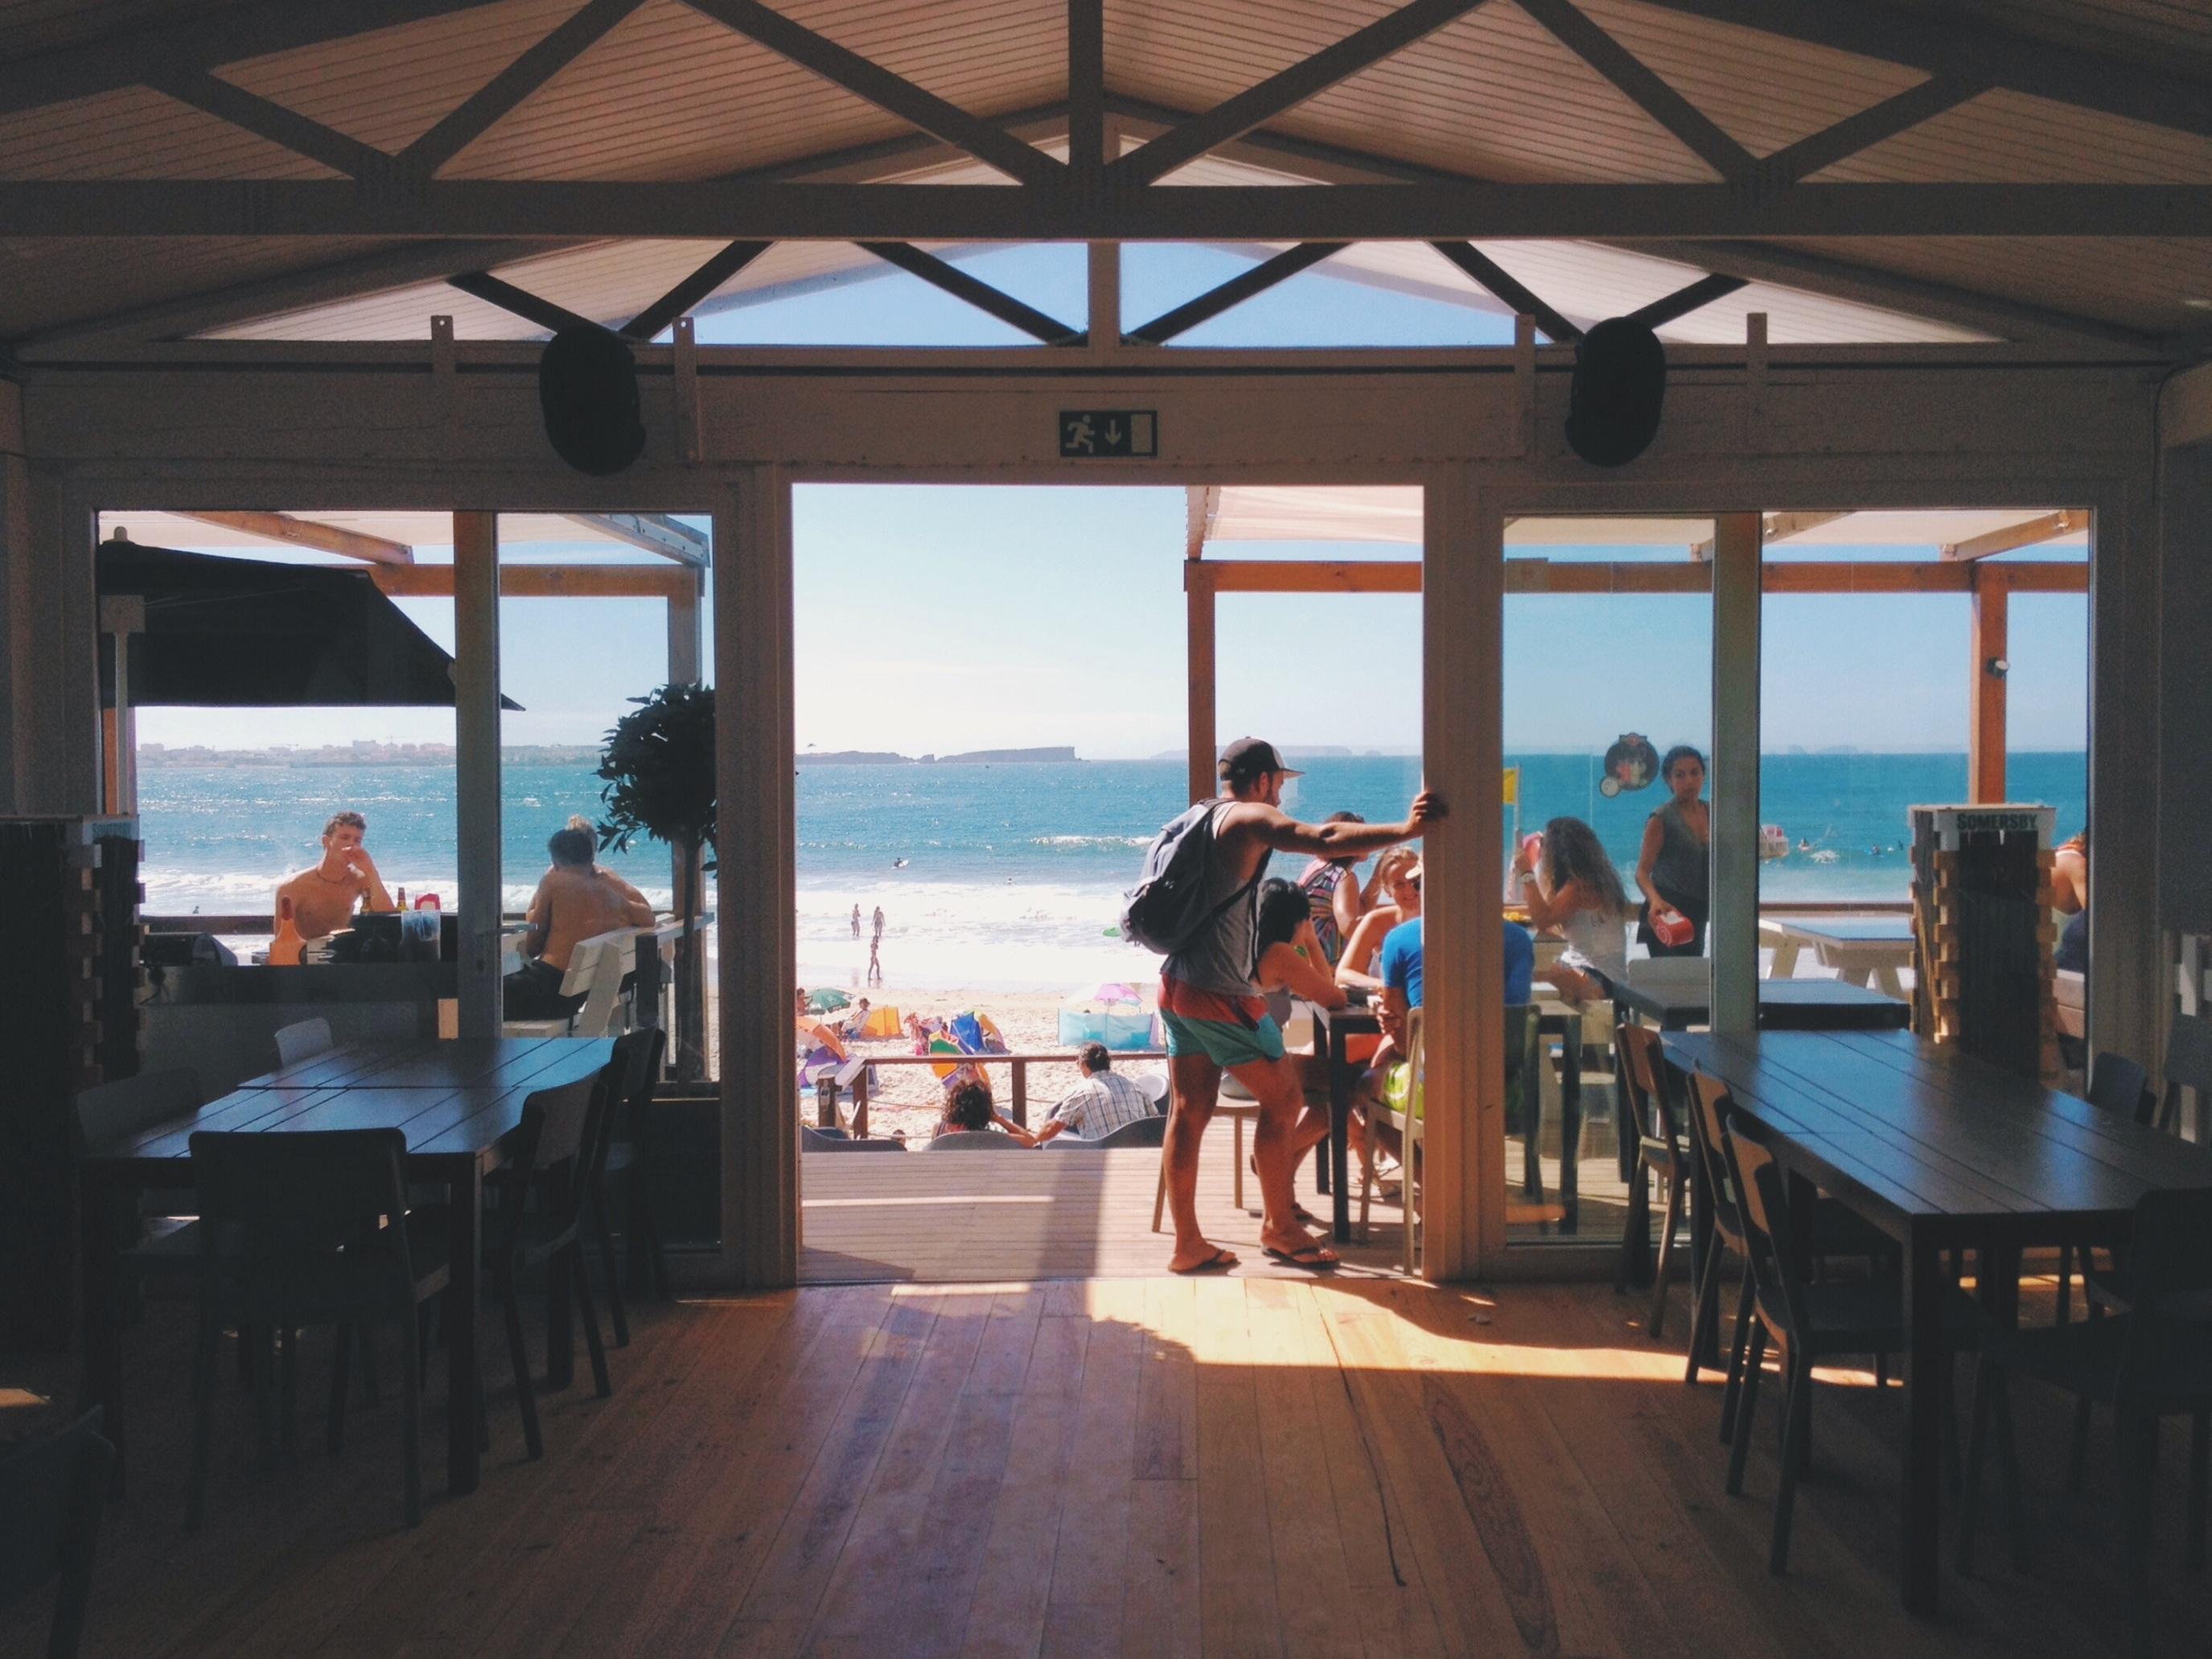 Fotos gratis : playa, Oceano, cafetería, gente, casa, verano ...